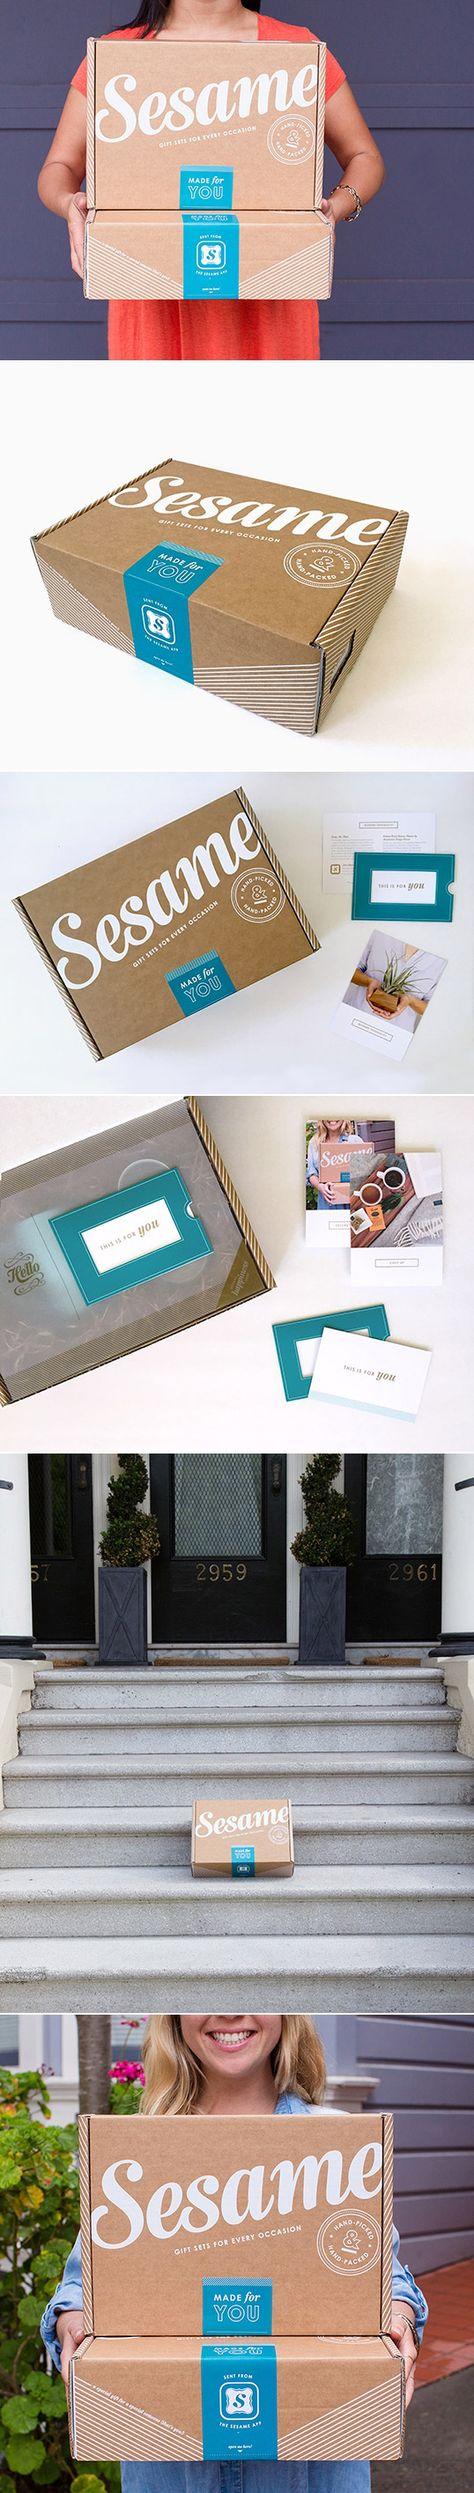 Lovely Package - Sesame